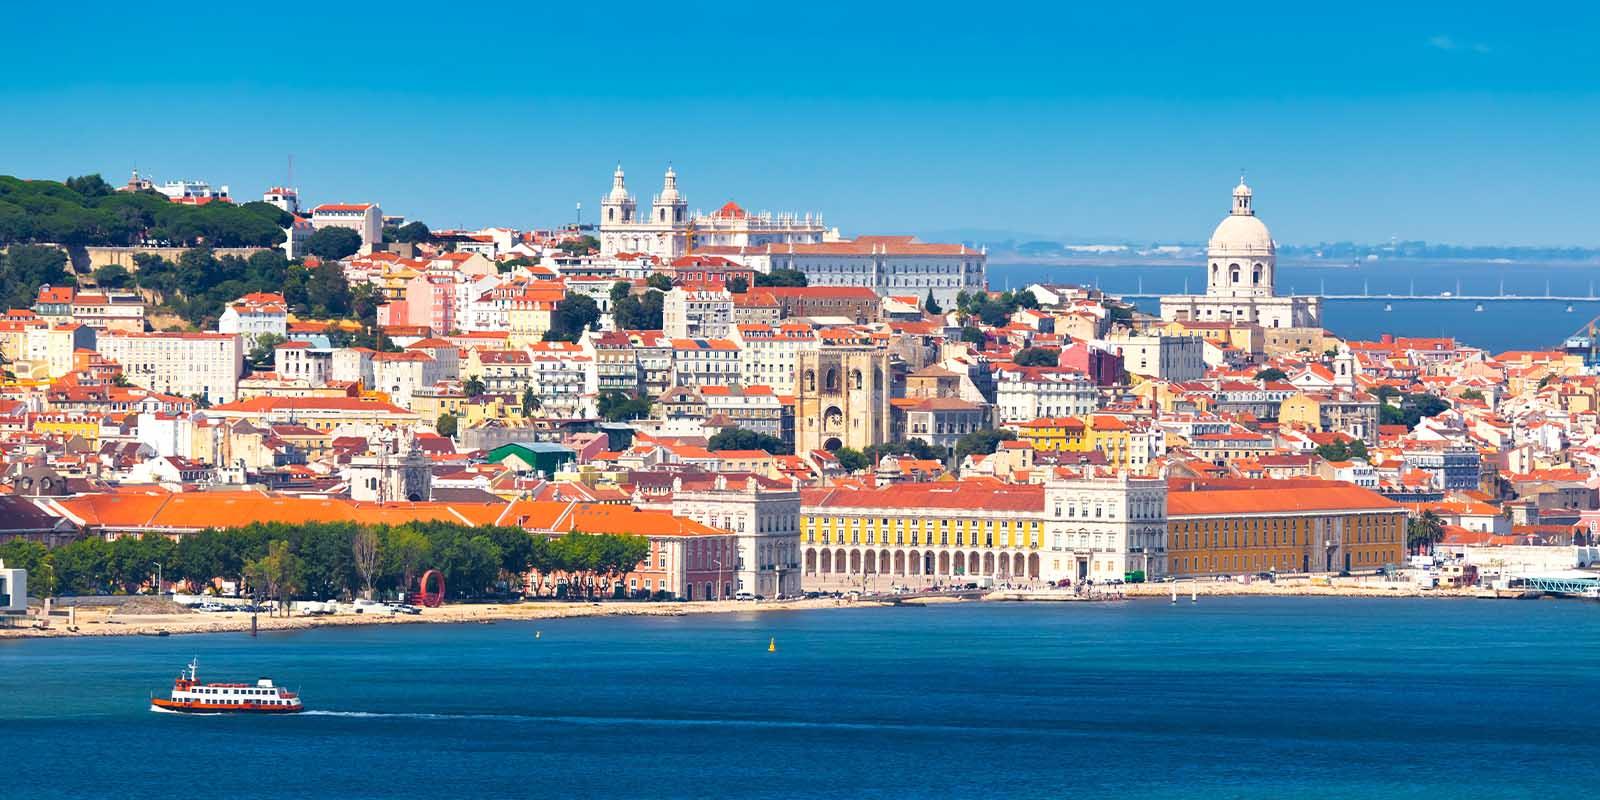 Lisbon Skyline as seen from Almada (Portugal).